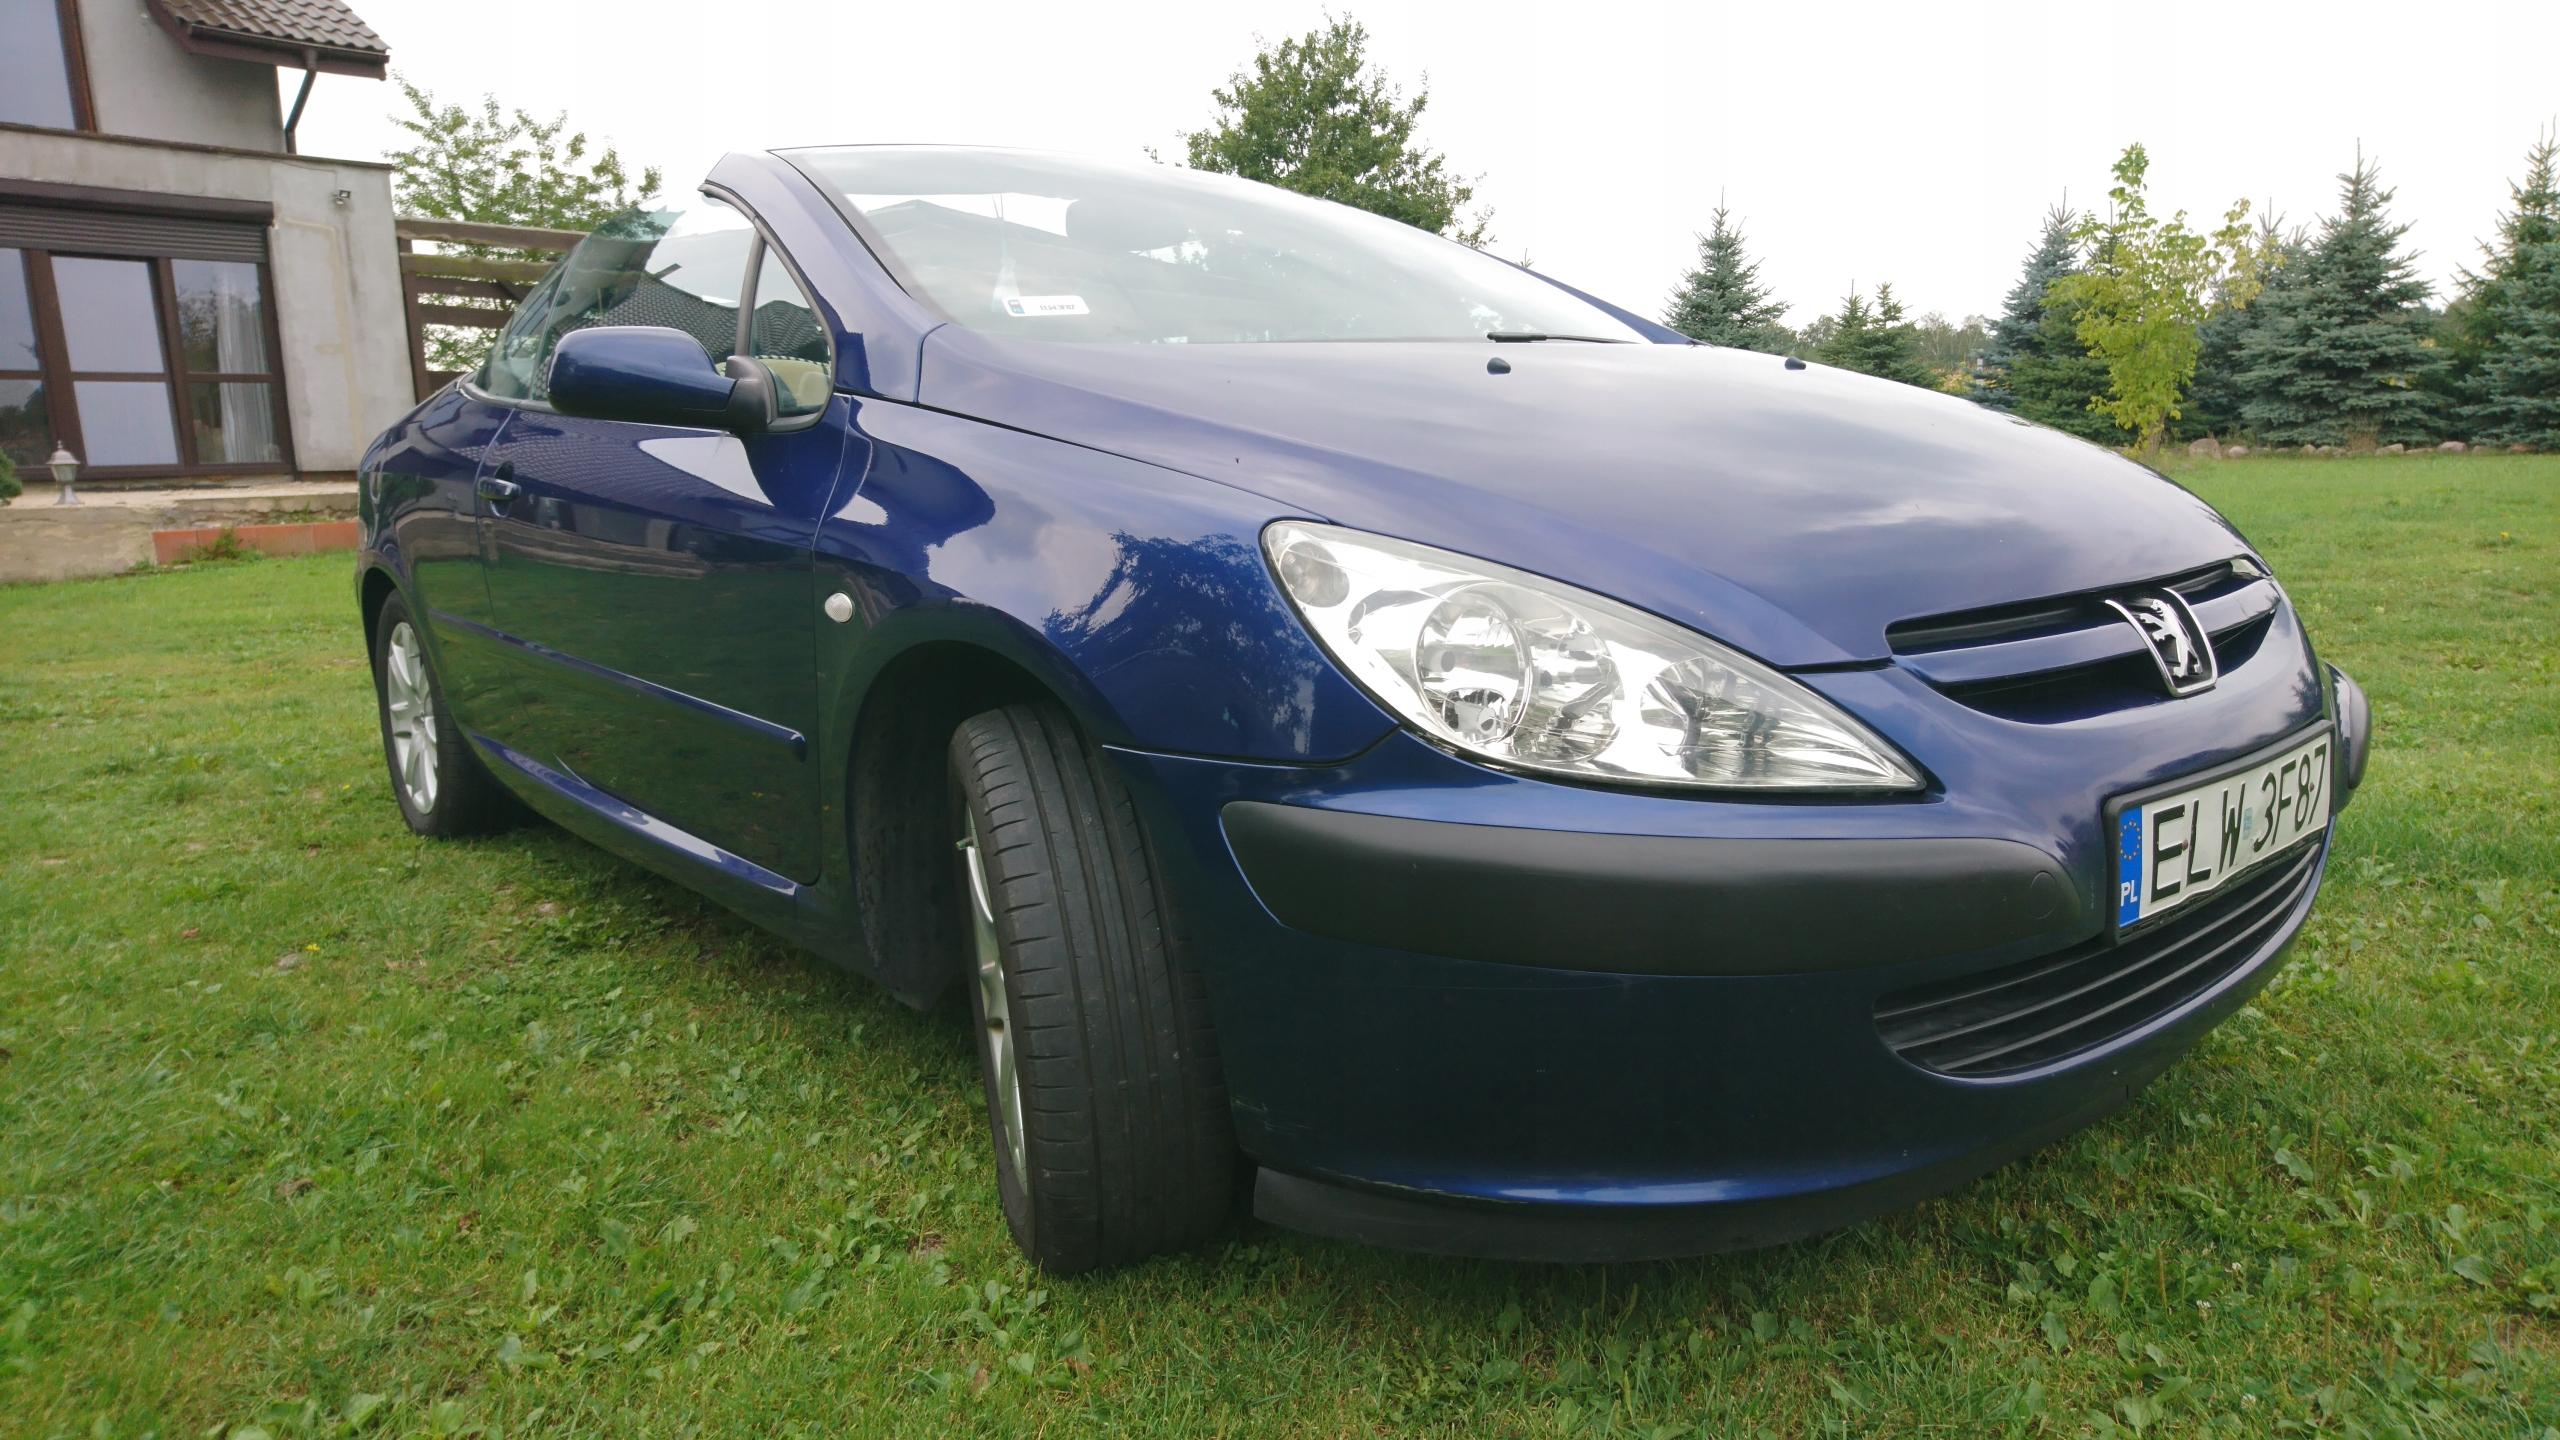 Peugeot 307cc 2.0 16v 180tyś km 2004r